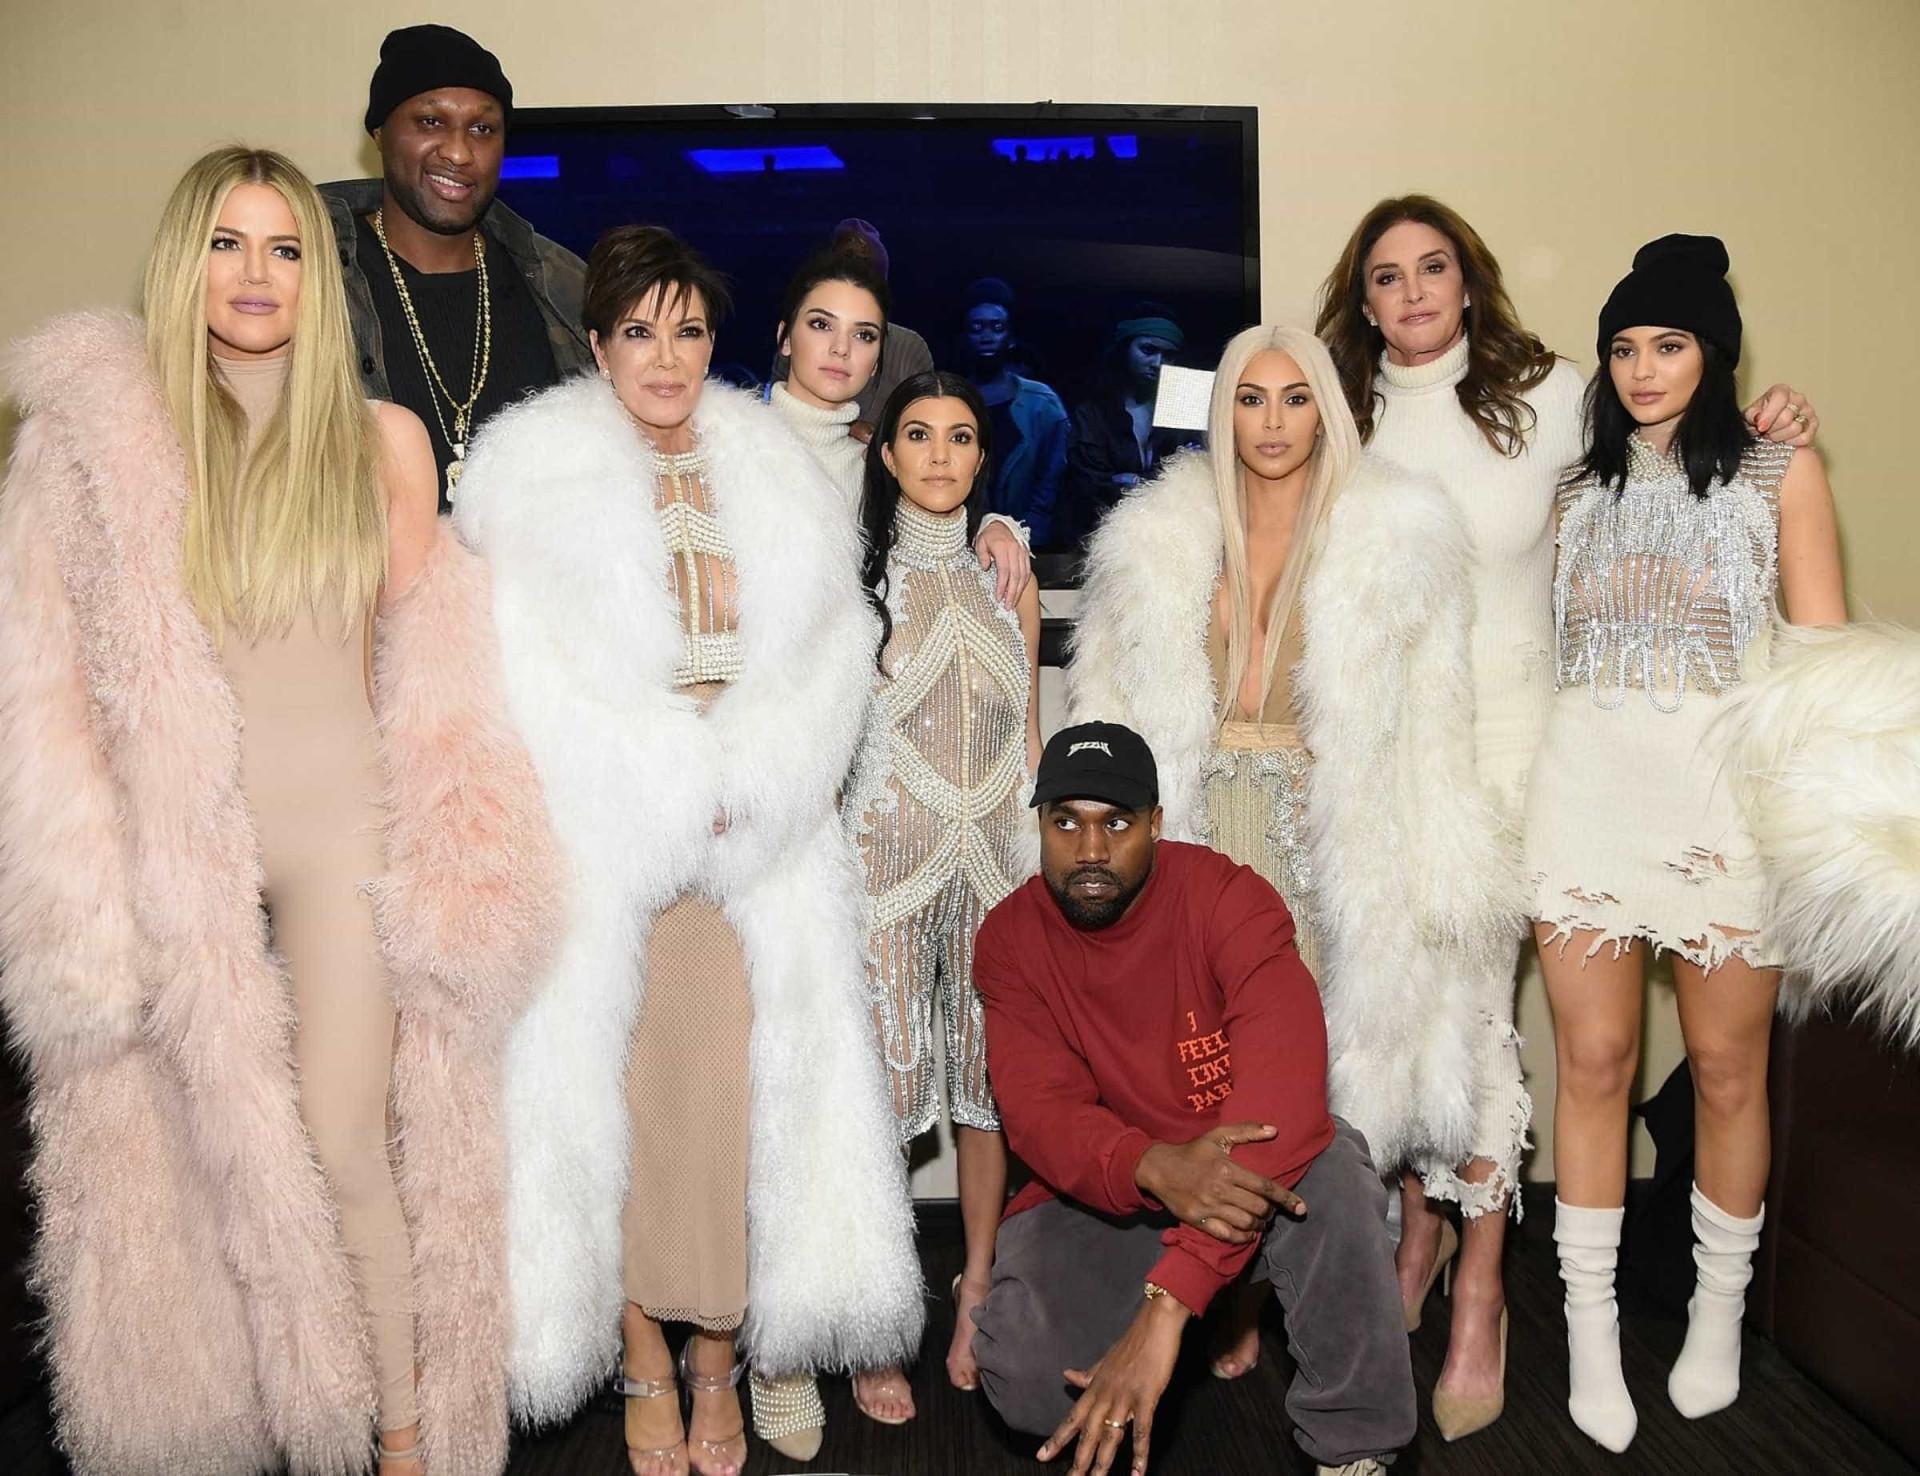 As várias mudanças do clã Kardashian-Jenner